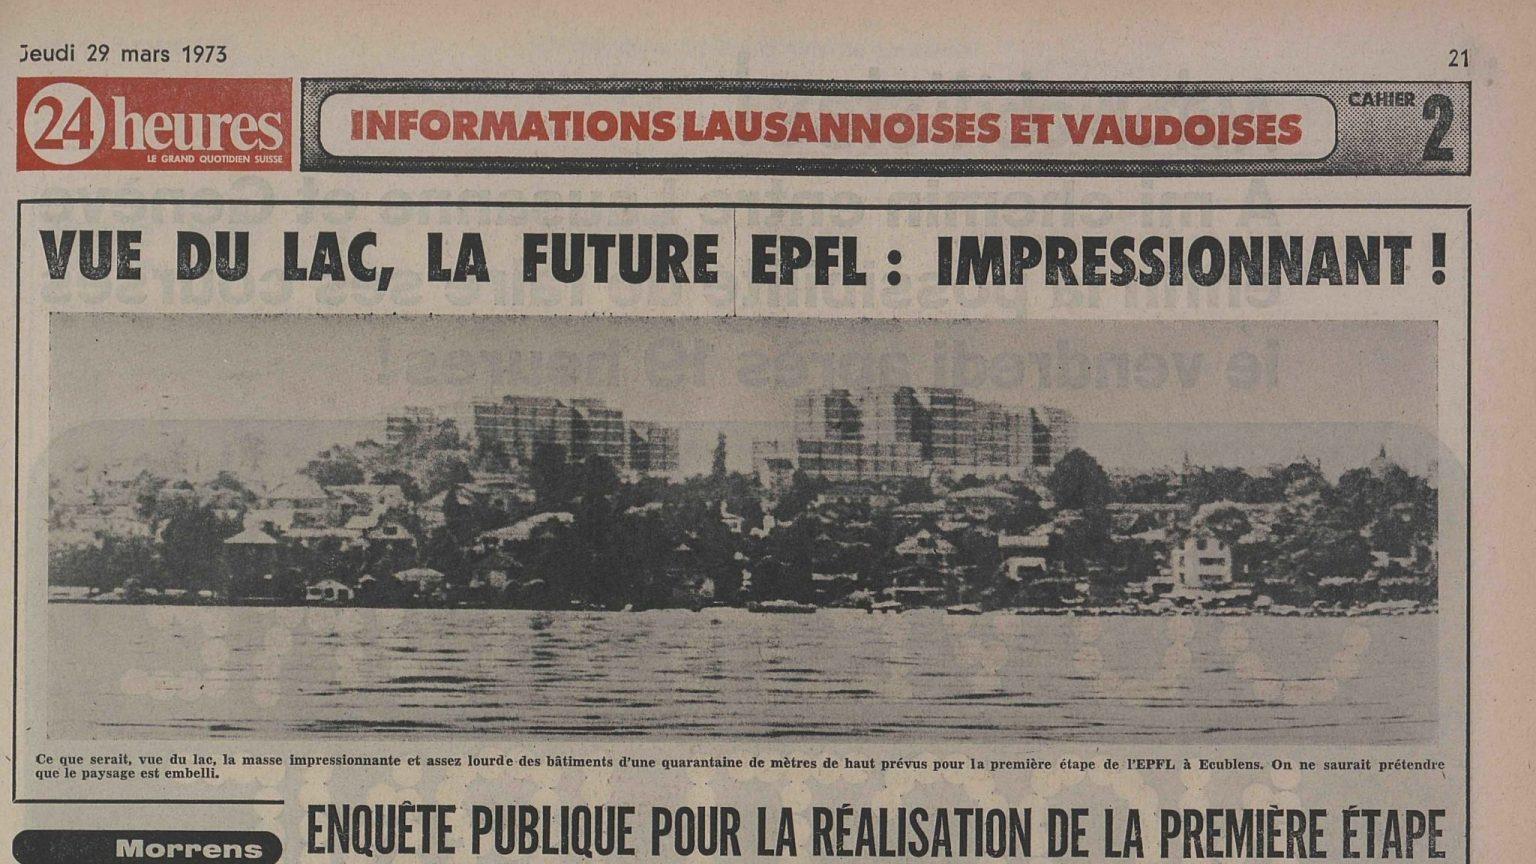 « Vue du lac, la future EPFL : impressionnant ! », 24 Heures, 29 mars 1973 C'est le premier article qui fait apparaître dans la presse l'un des photomontages présentés lors de la mise à l'enquête.